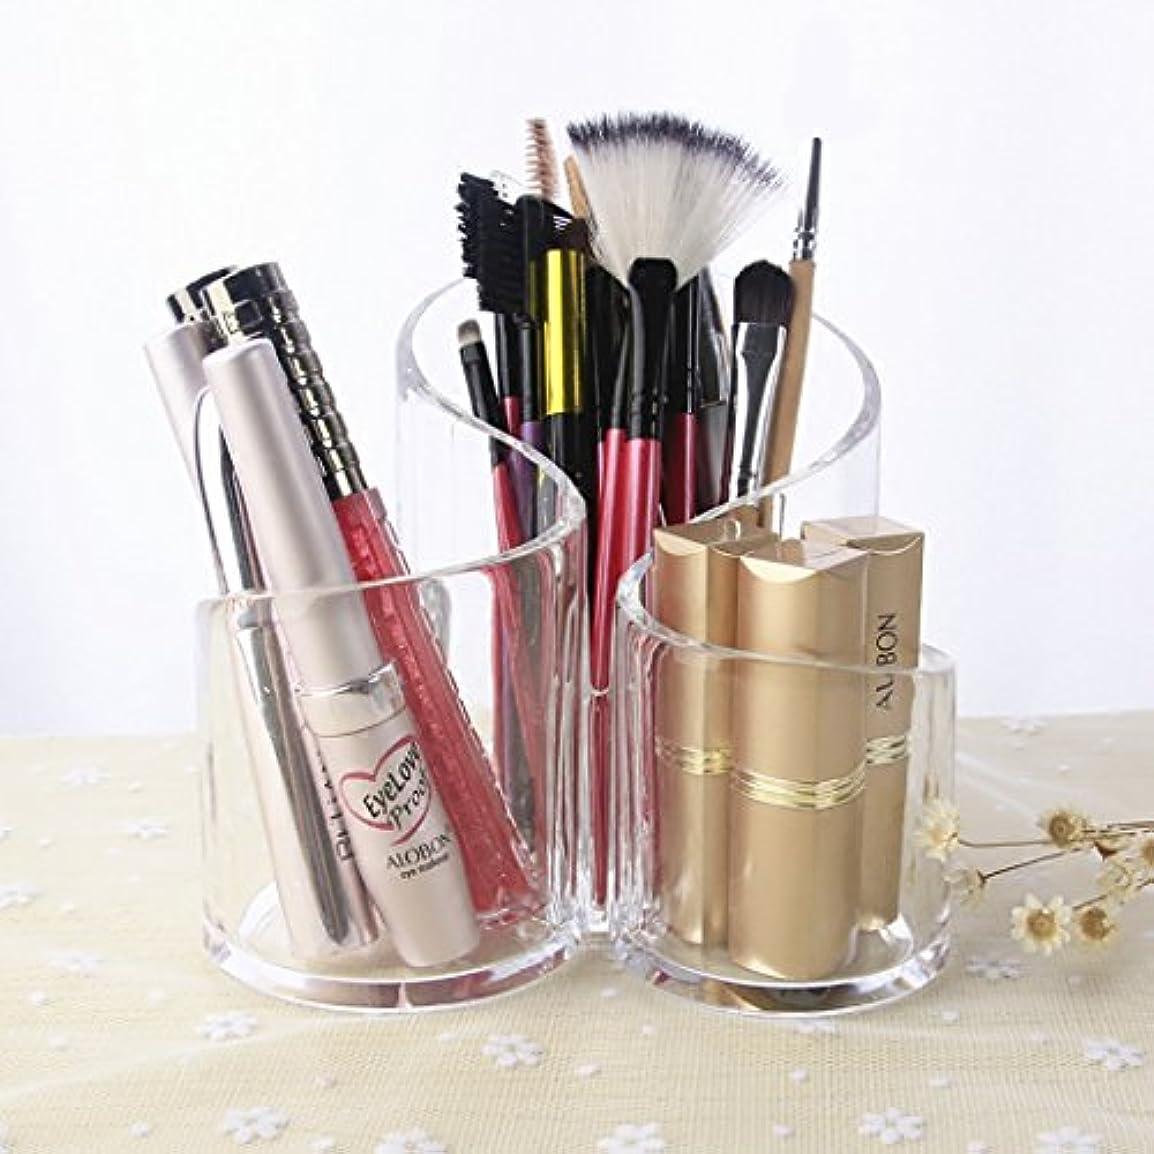 良い適応する明らかBEMOTION 化粧収納ボックス メイクケース コスメ収納スタンド 引き出し小物 化粧品入れ 透明色 (D)